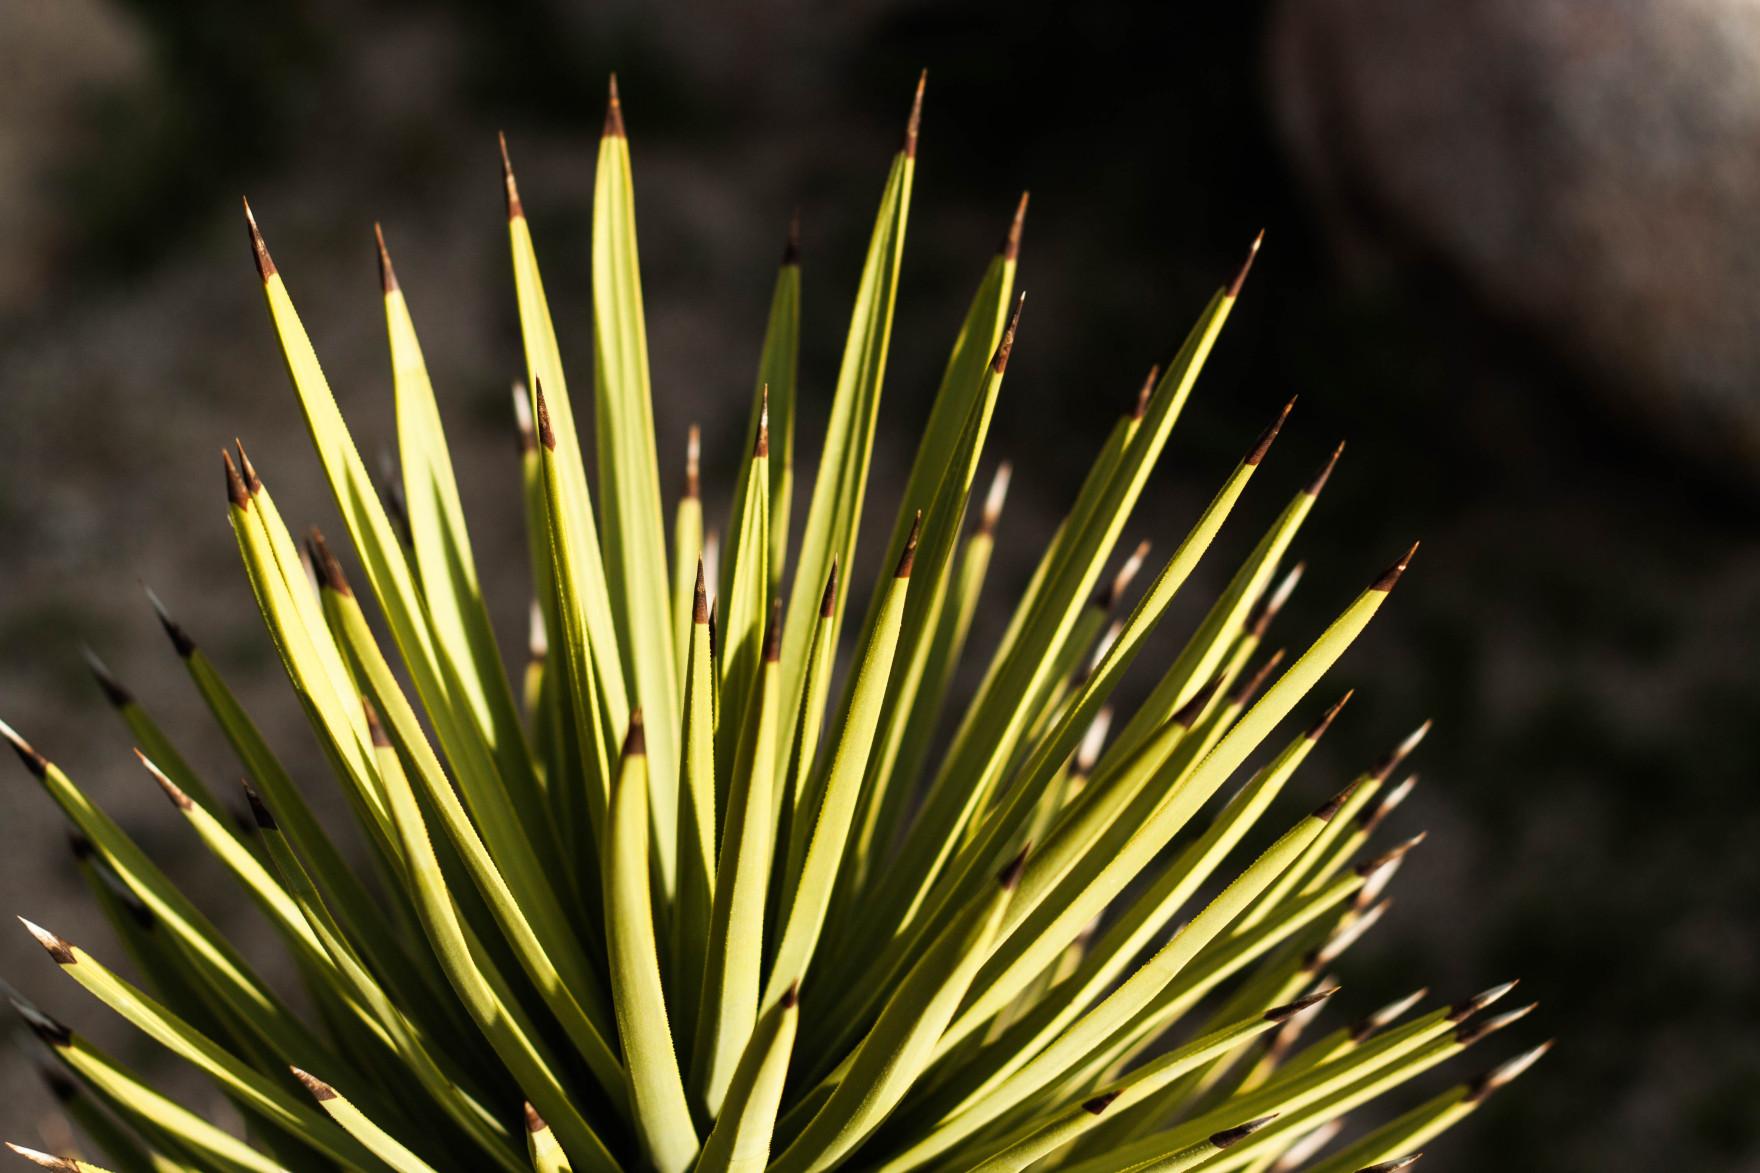 Bored Vegetarian Bethany Pickard Yucca Valley Joshua Tree Green Pokey Cactus-15